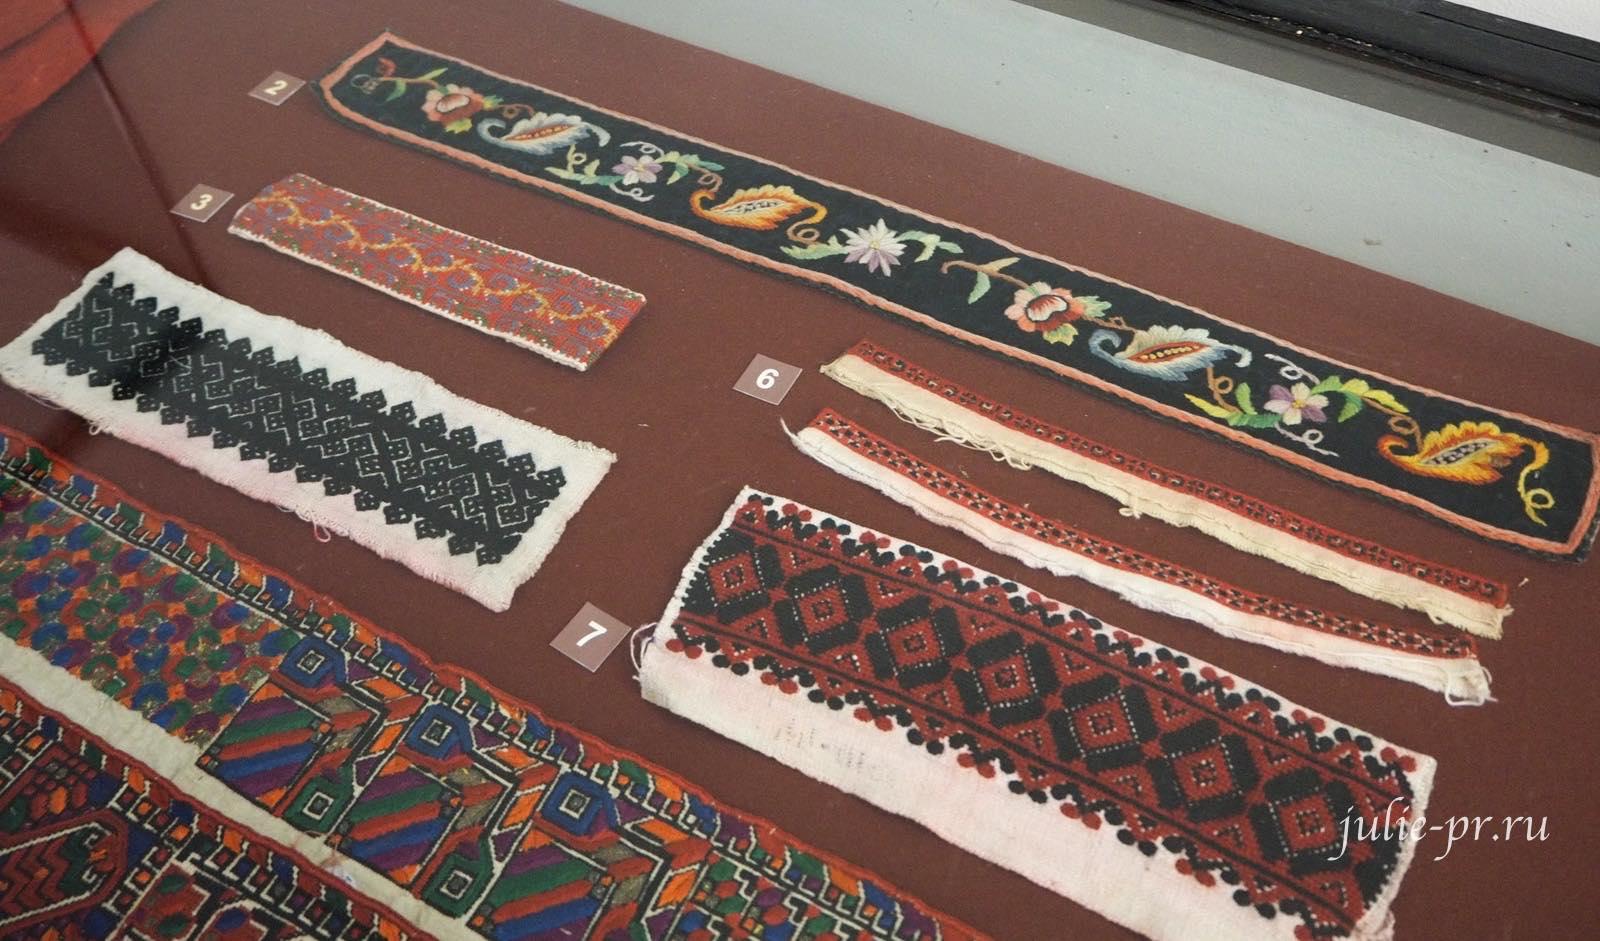 Российский этнографический музей, Санкт-Петербург, народная вышивка, вышивка крестом, Выставка Мастерство украинской вышивки XIX – XX века